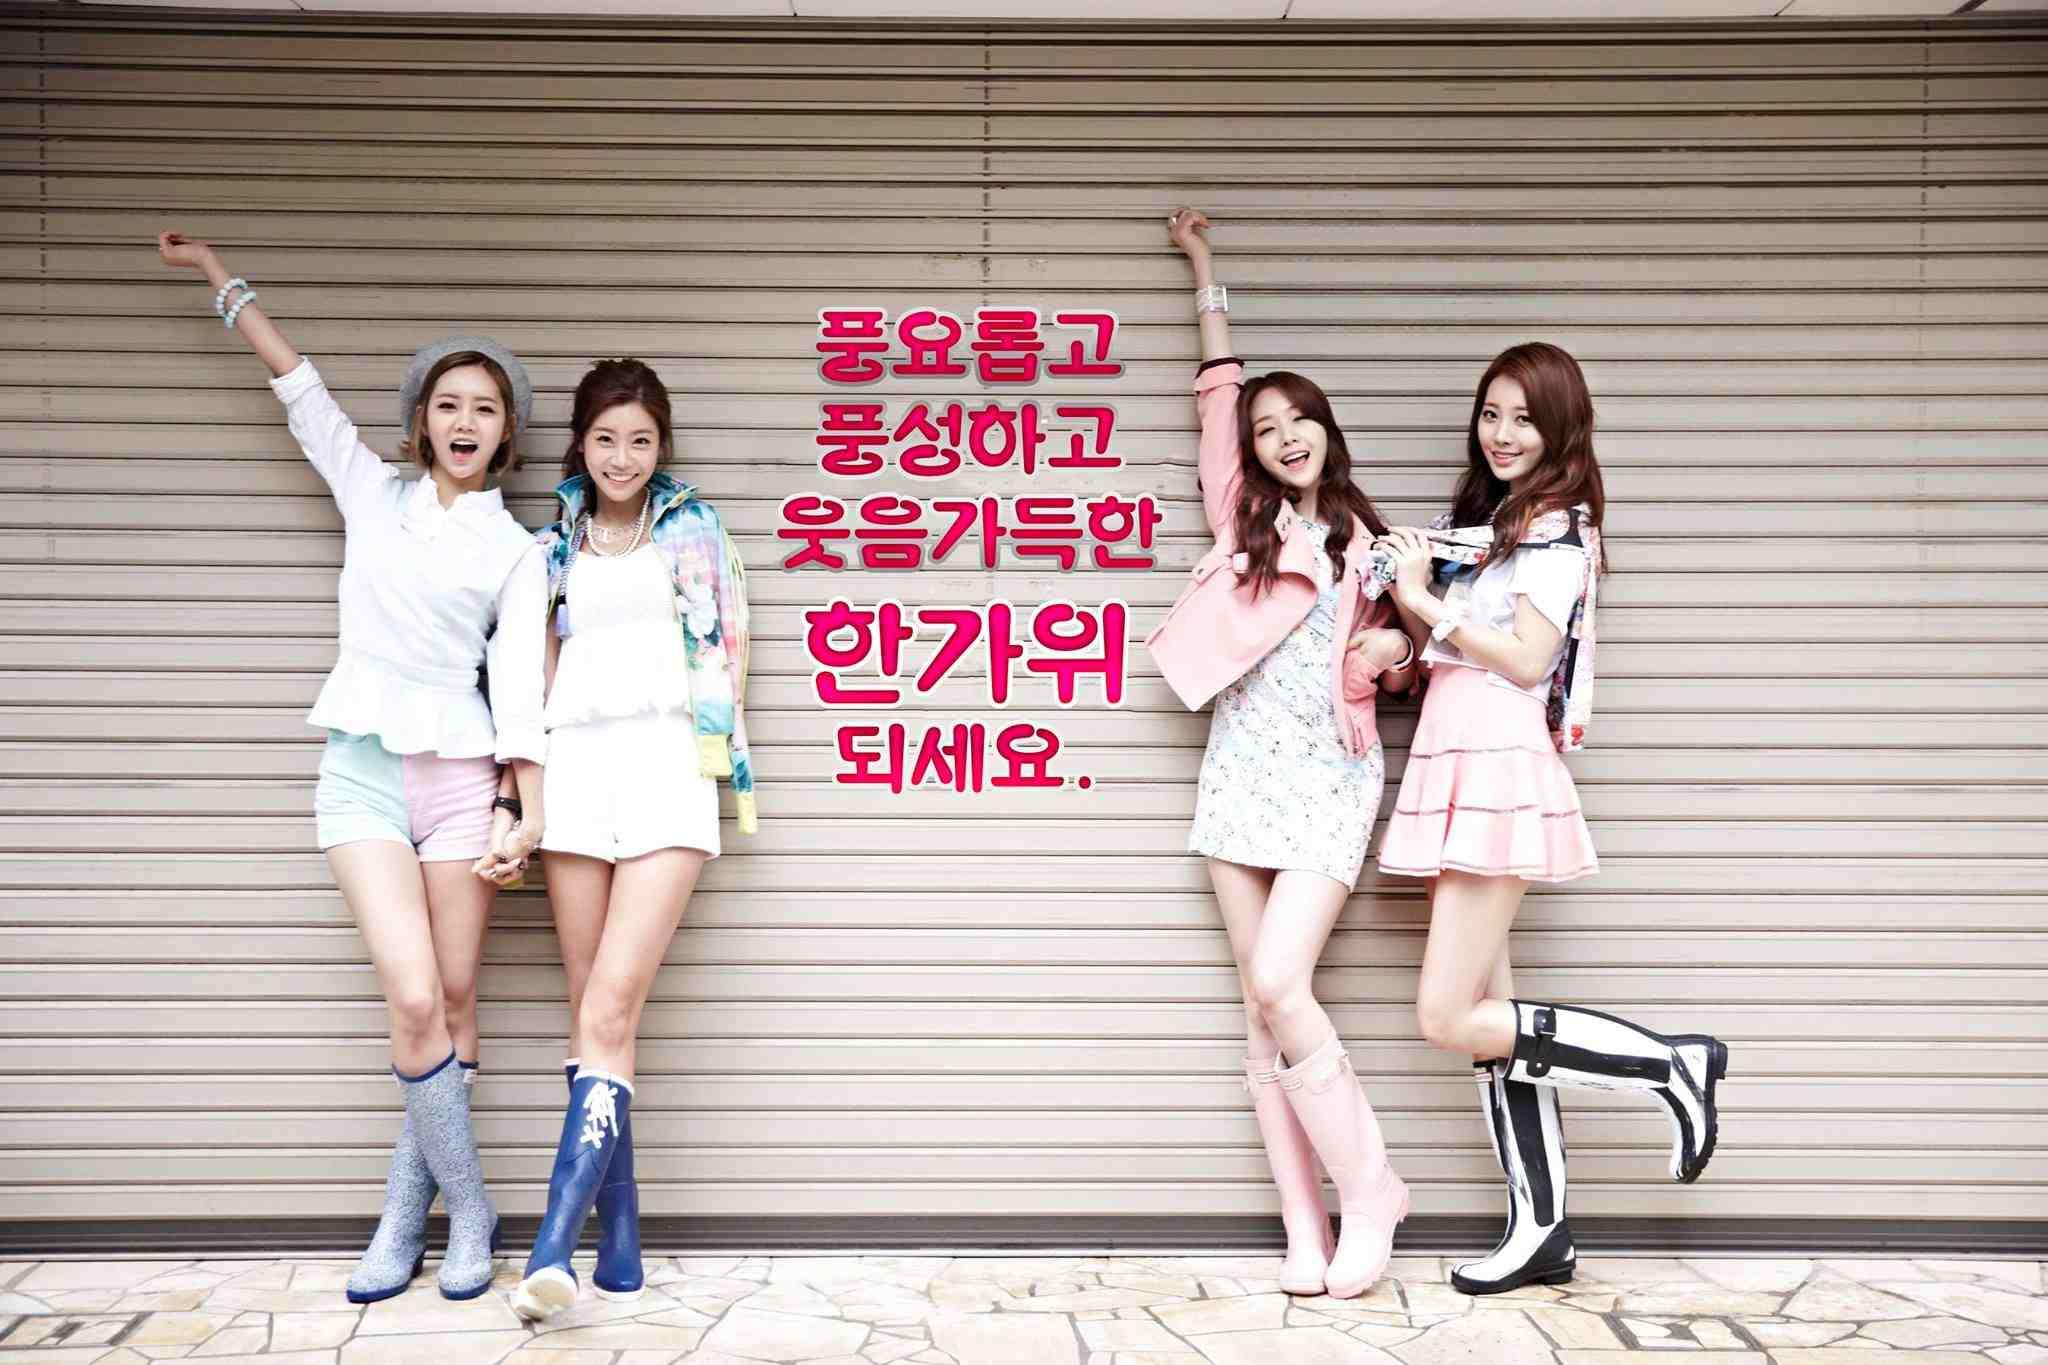 Girl's Day(2010年出道) 當時年紀 24歲-素珍 18歲-Yura 17歲-珉雅 16歲-惠利 (素珍算晚出道了耶~!但童顏沒關係XD)